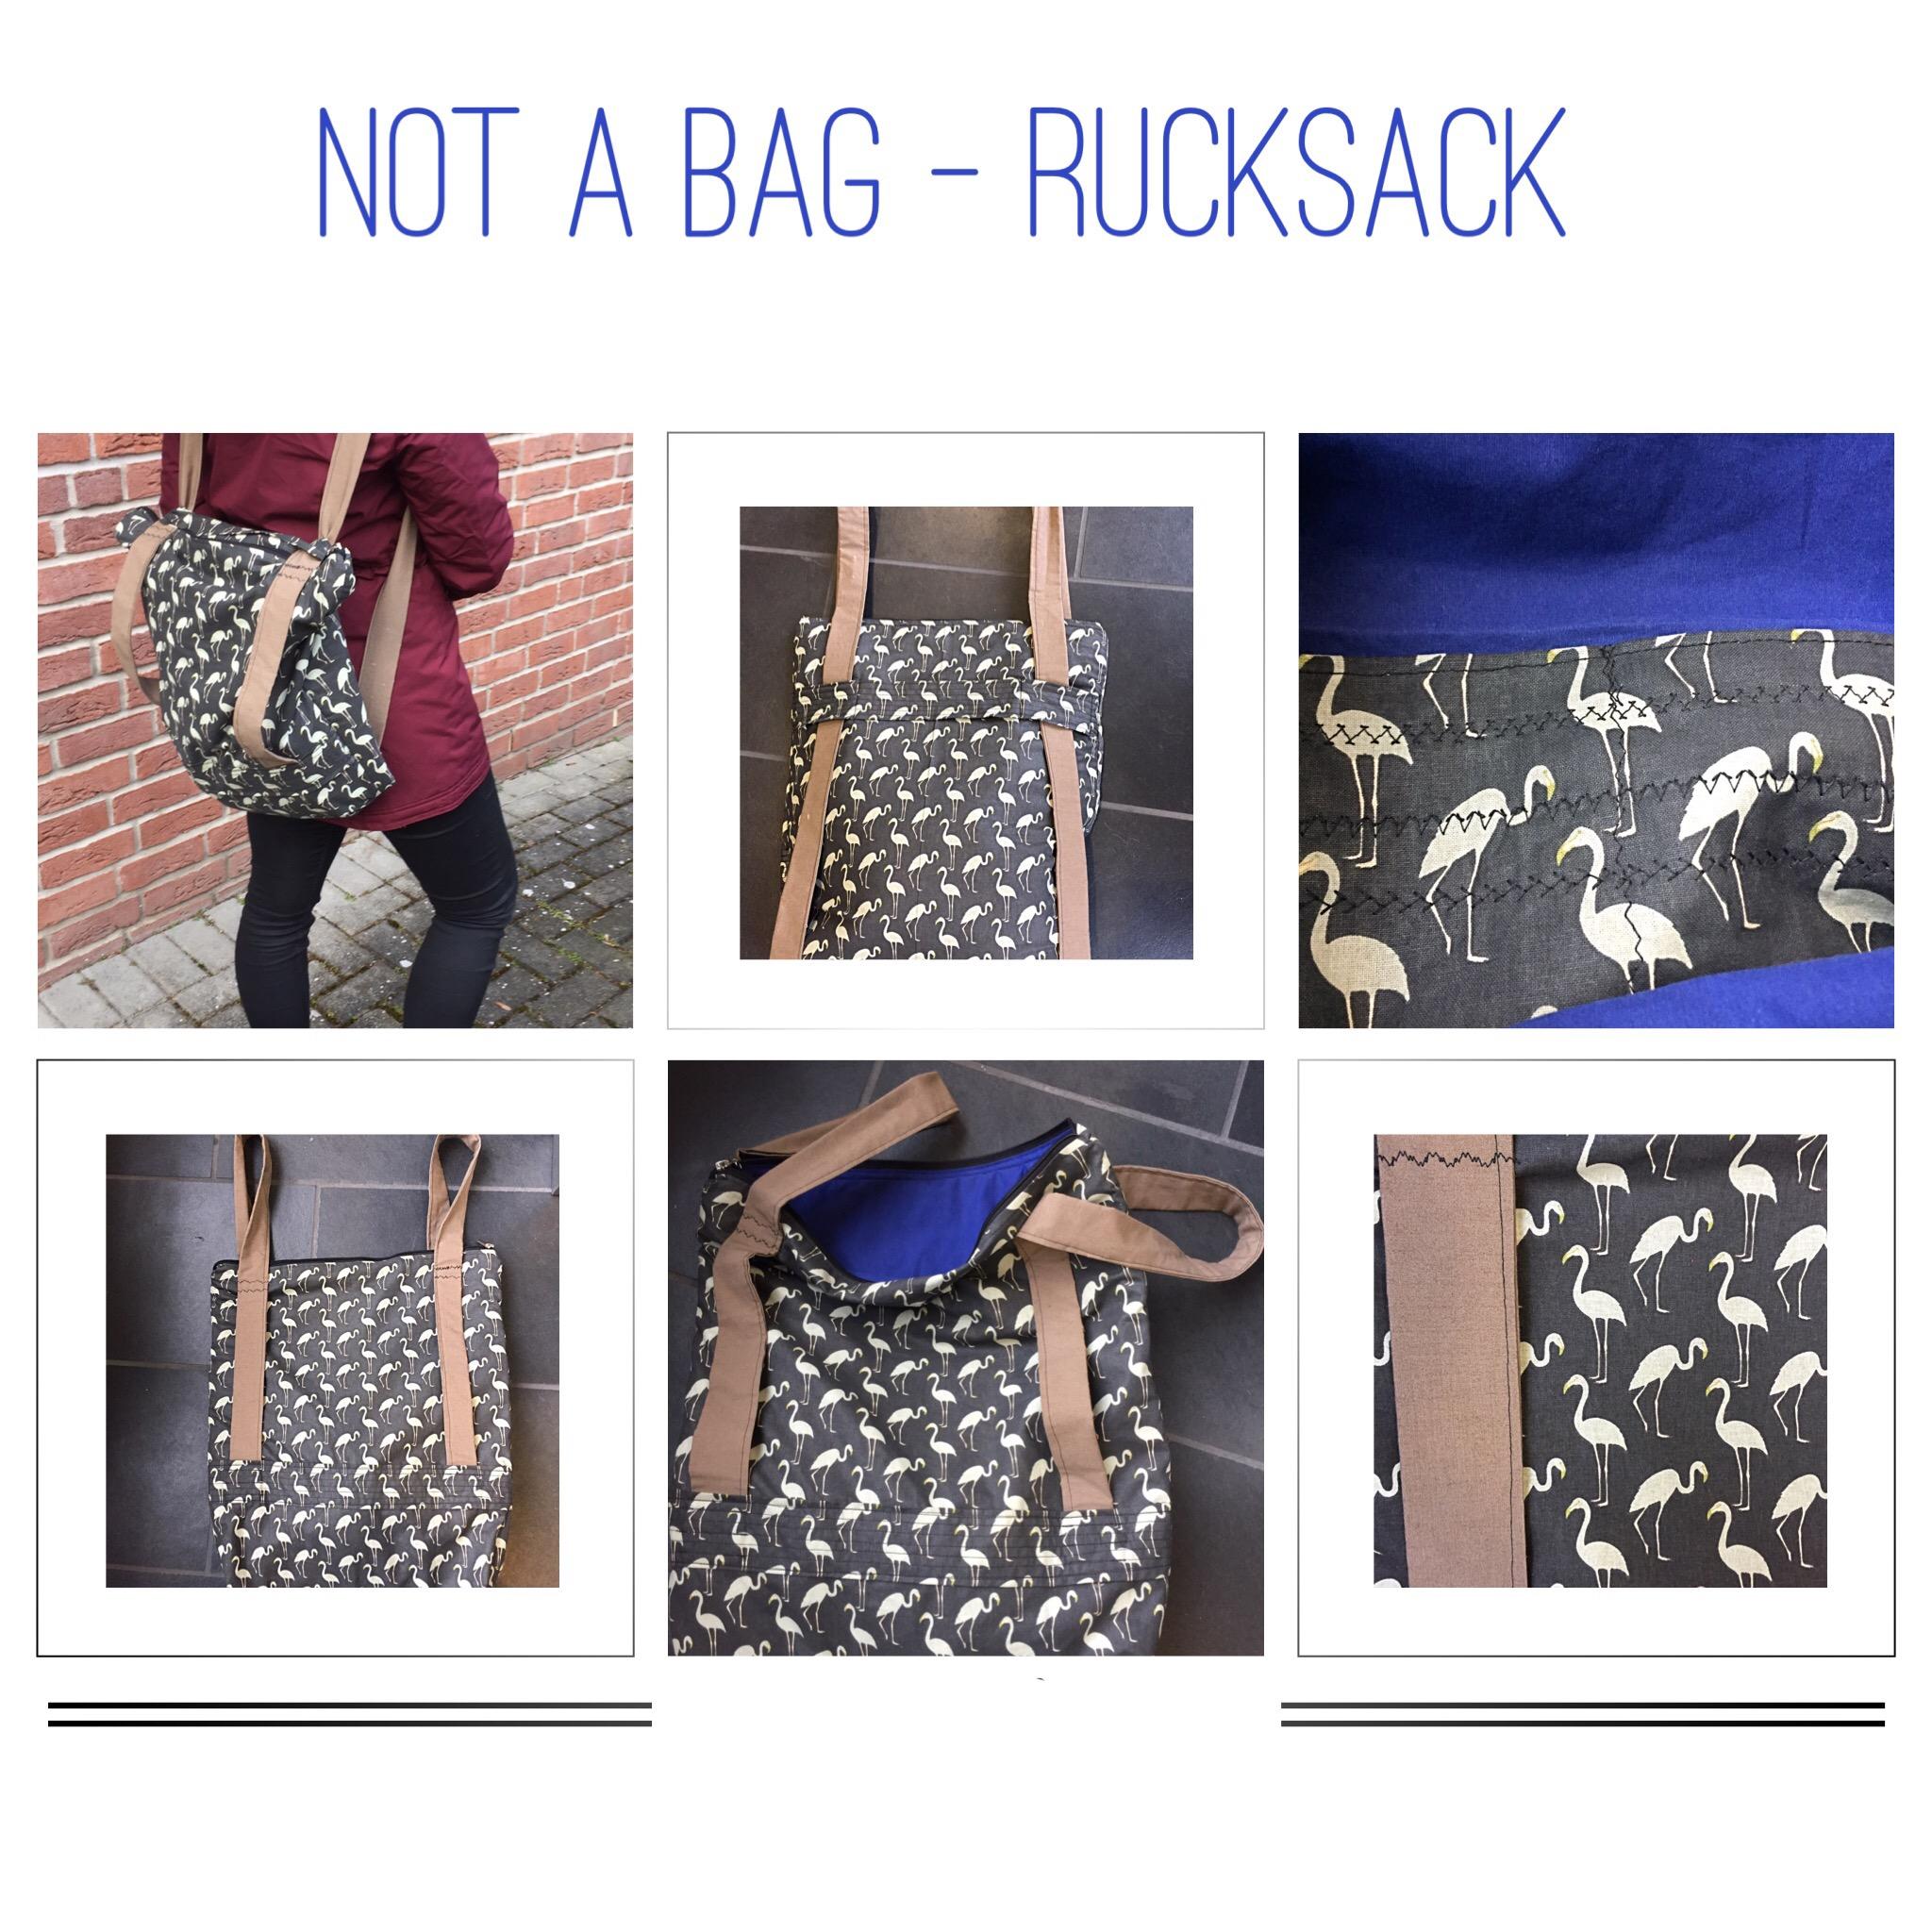 Not a bag Rucksack, Tasche mit verstellbarem Henkel als Rucksack zu tragen, Flamingo Baumwollstoff, DIY in Münster, handmade by marinamia